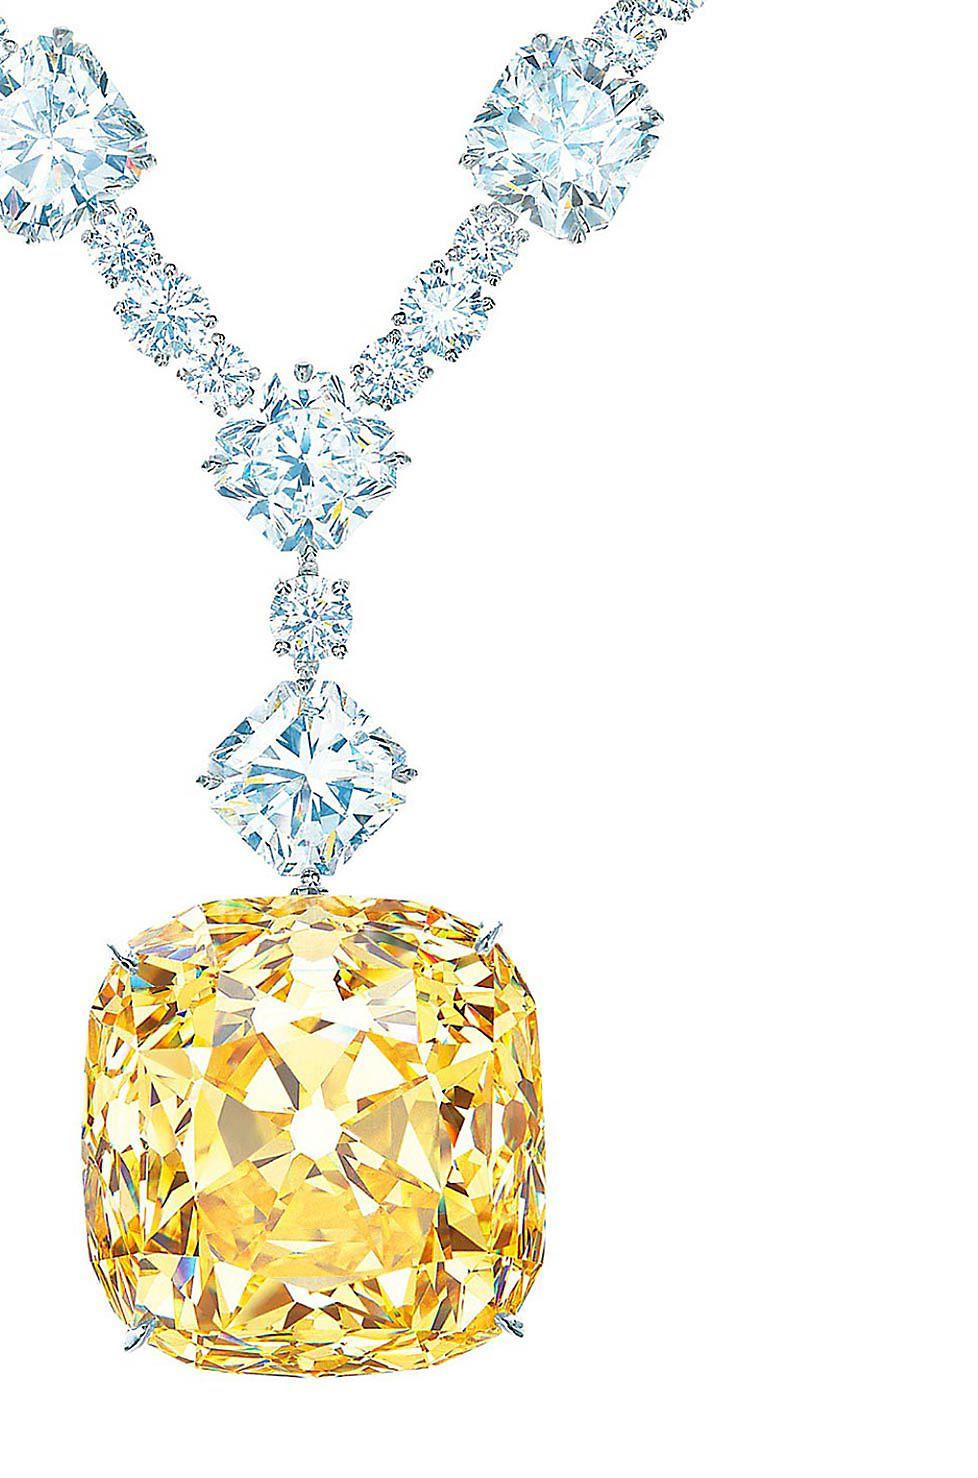 Самые знаменитые алмазы и бриллианты мира. Часть 4 геммология